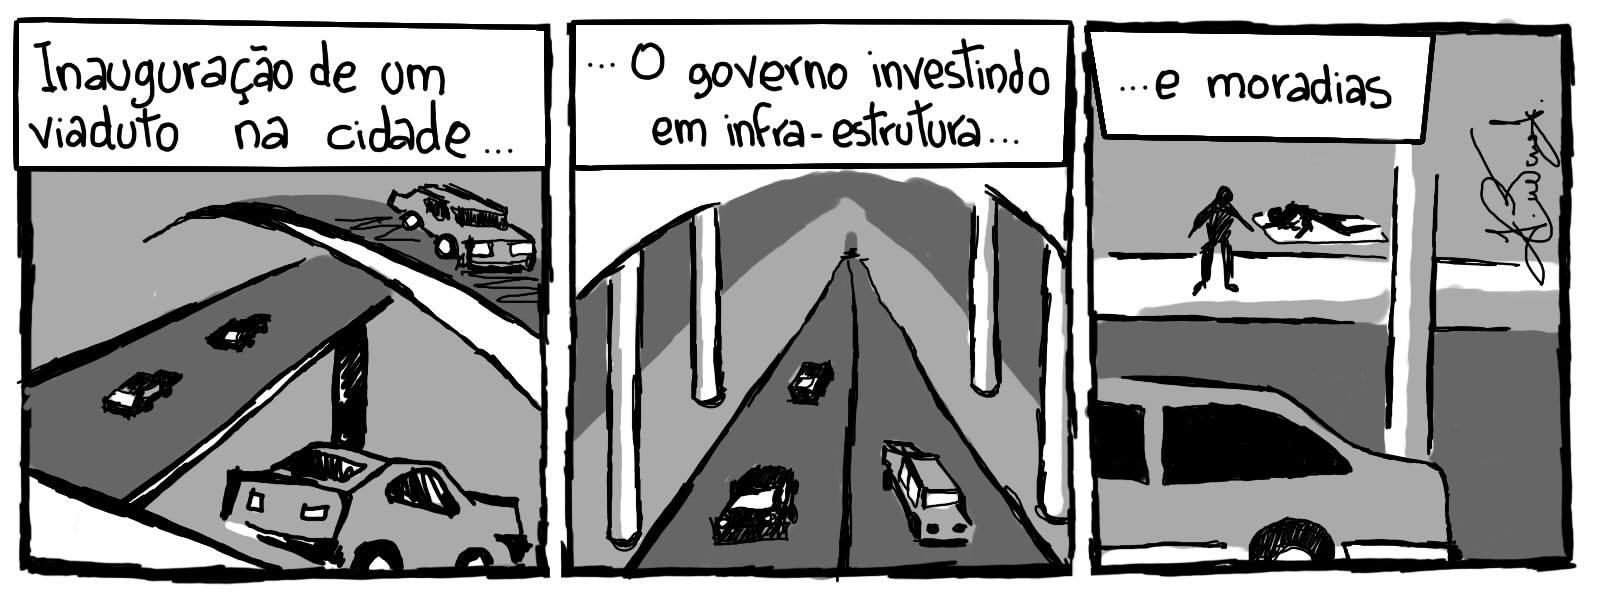 filosofino_viaduto